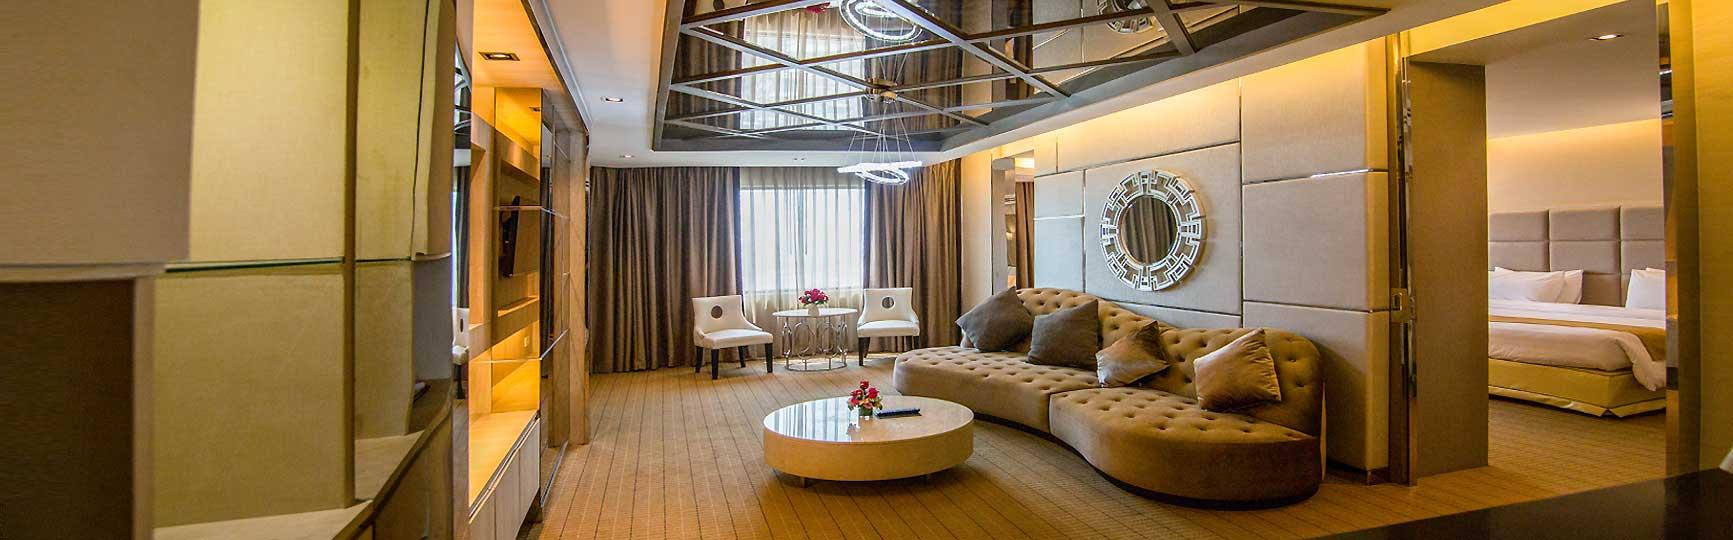 Facilities and Services Royal Benja Hotel Bangkok